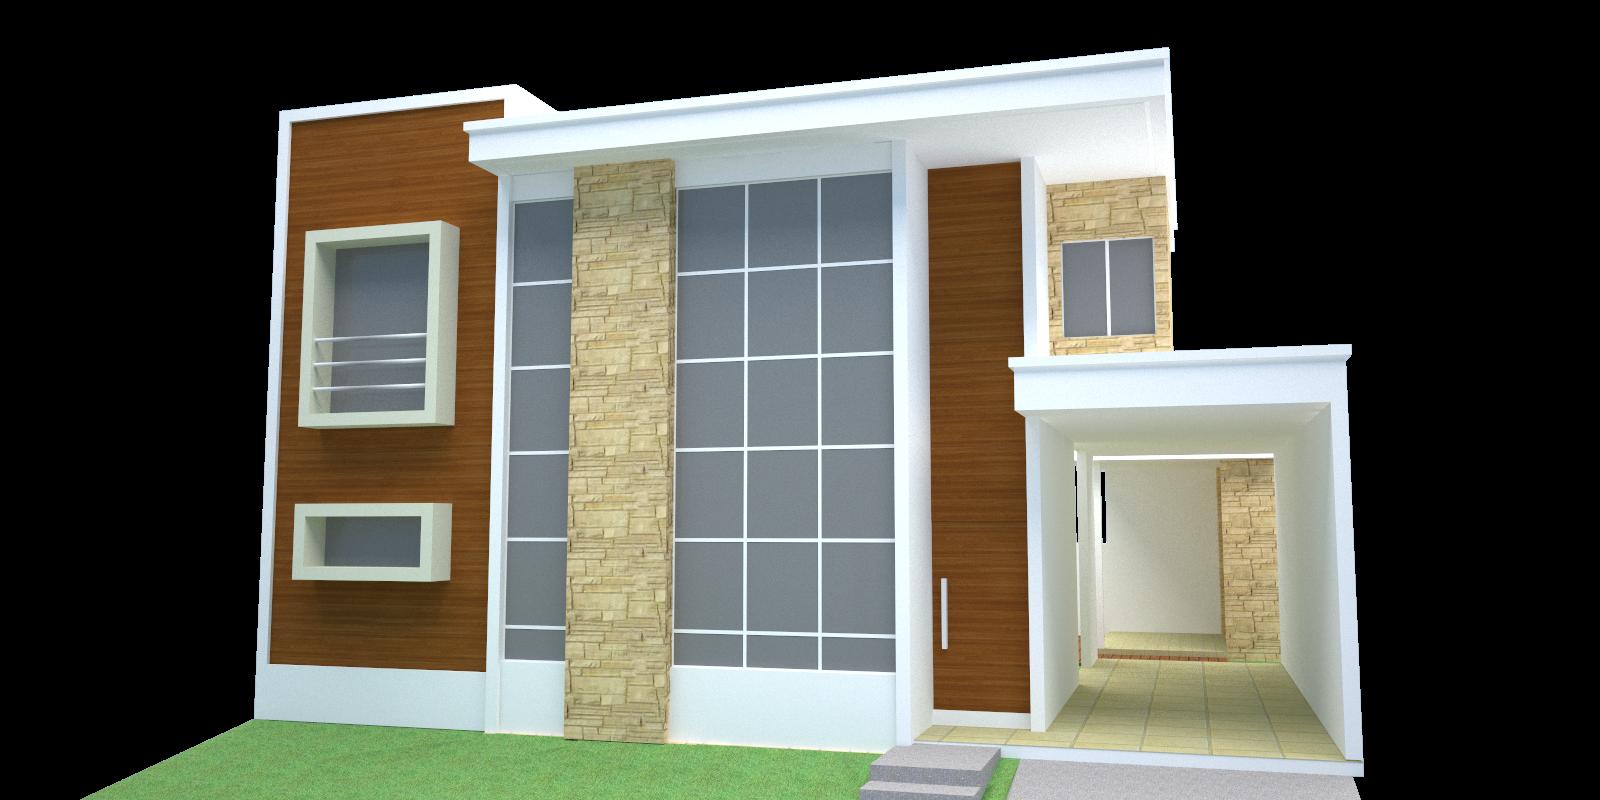 Estúdio HL Arquitetura e Interiores: Novembro 2013 #69421B 1600 800